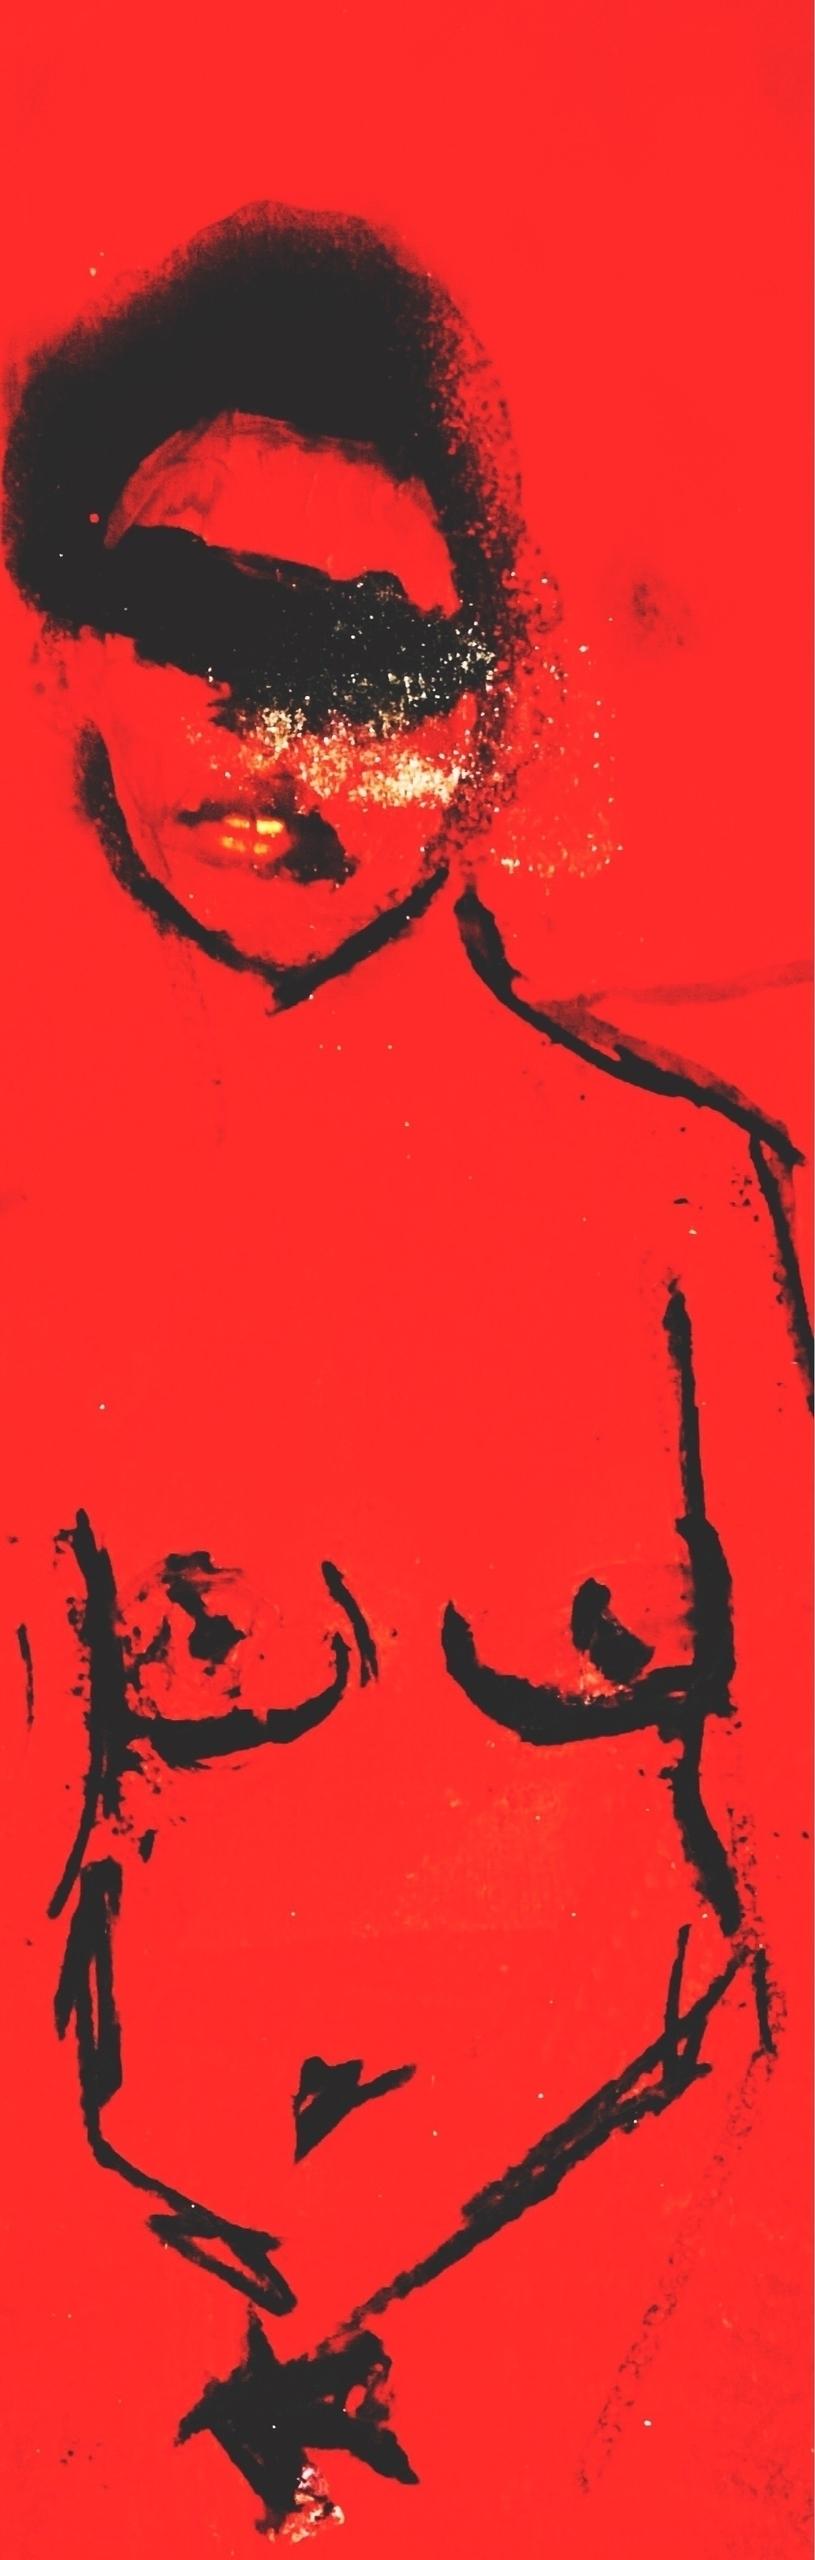 art, portrait, ArtPortrait, lofi - jkalamarz | ello